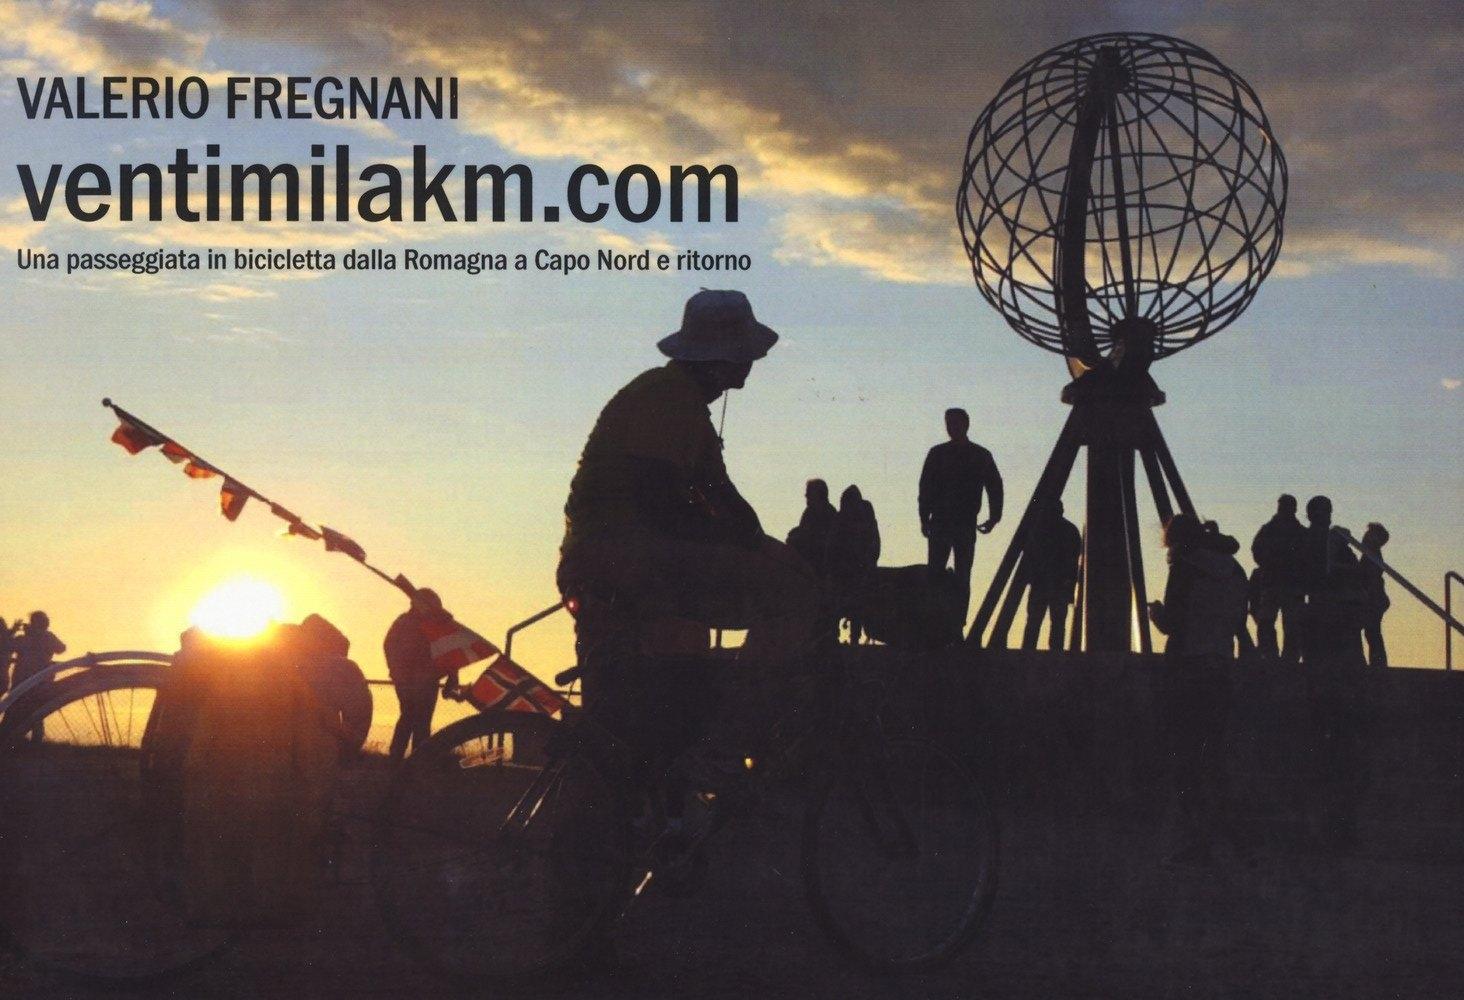 Ventimilakm.com. Una passeggiata in bicicletta dalla Romagna a Capo Nord e ritorno